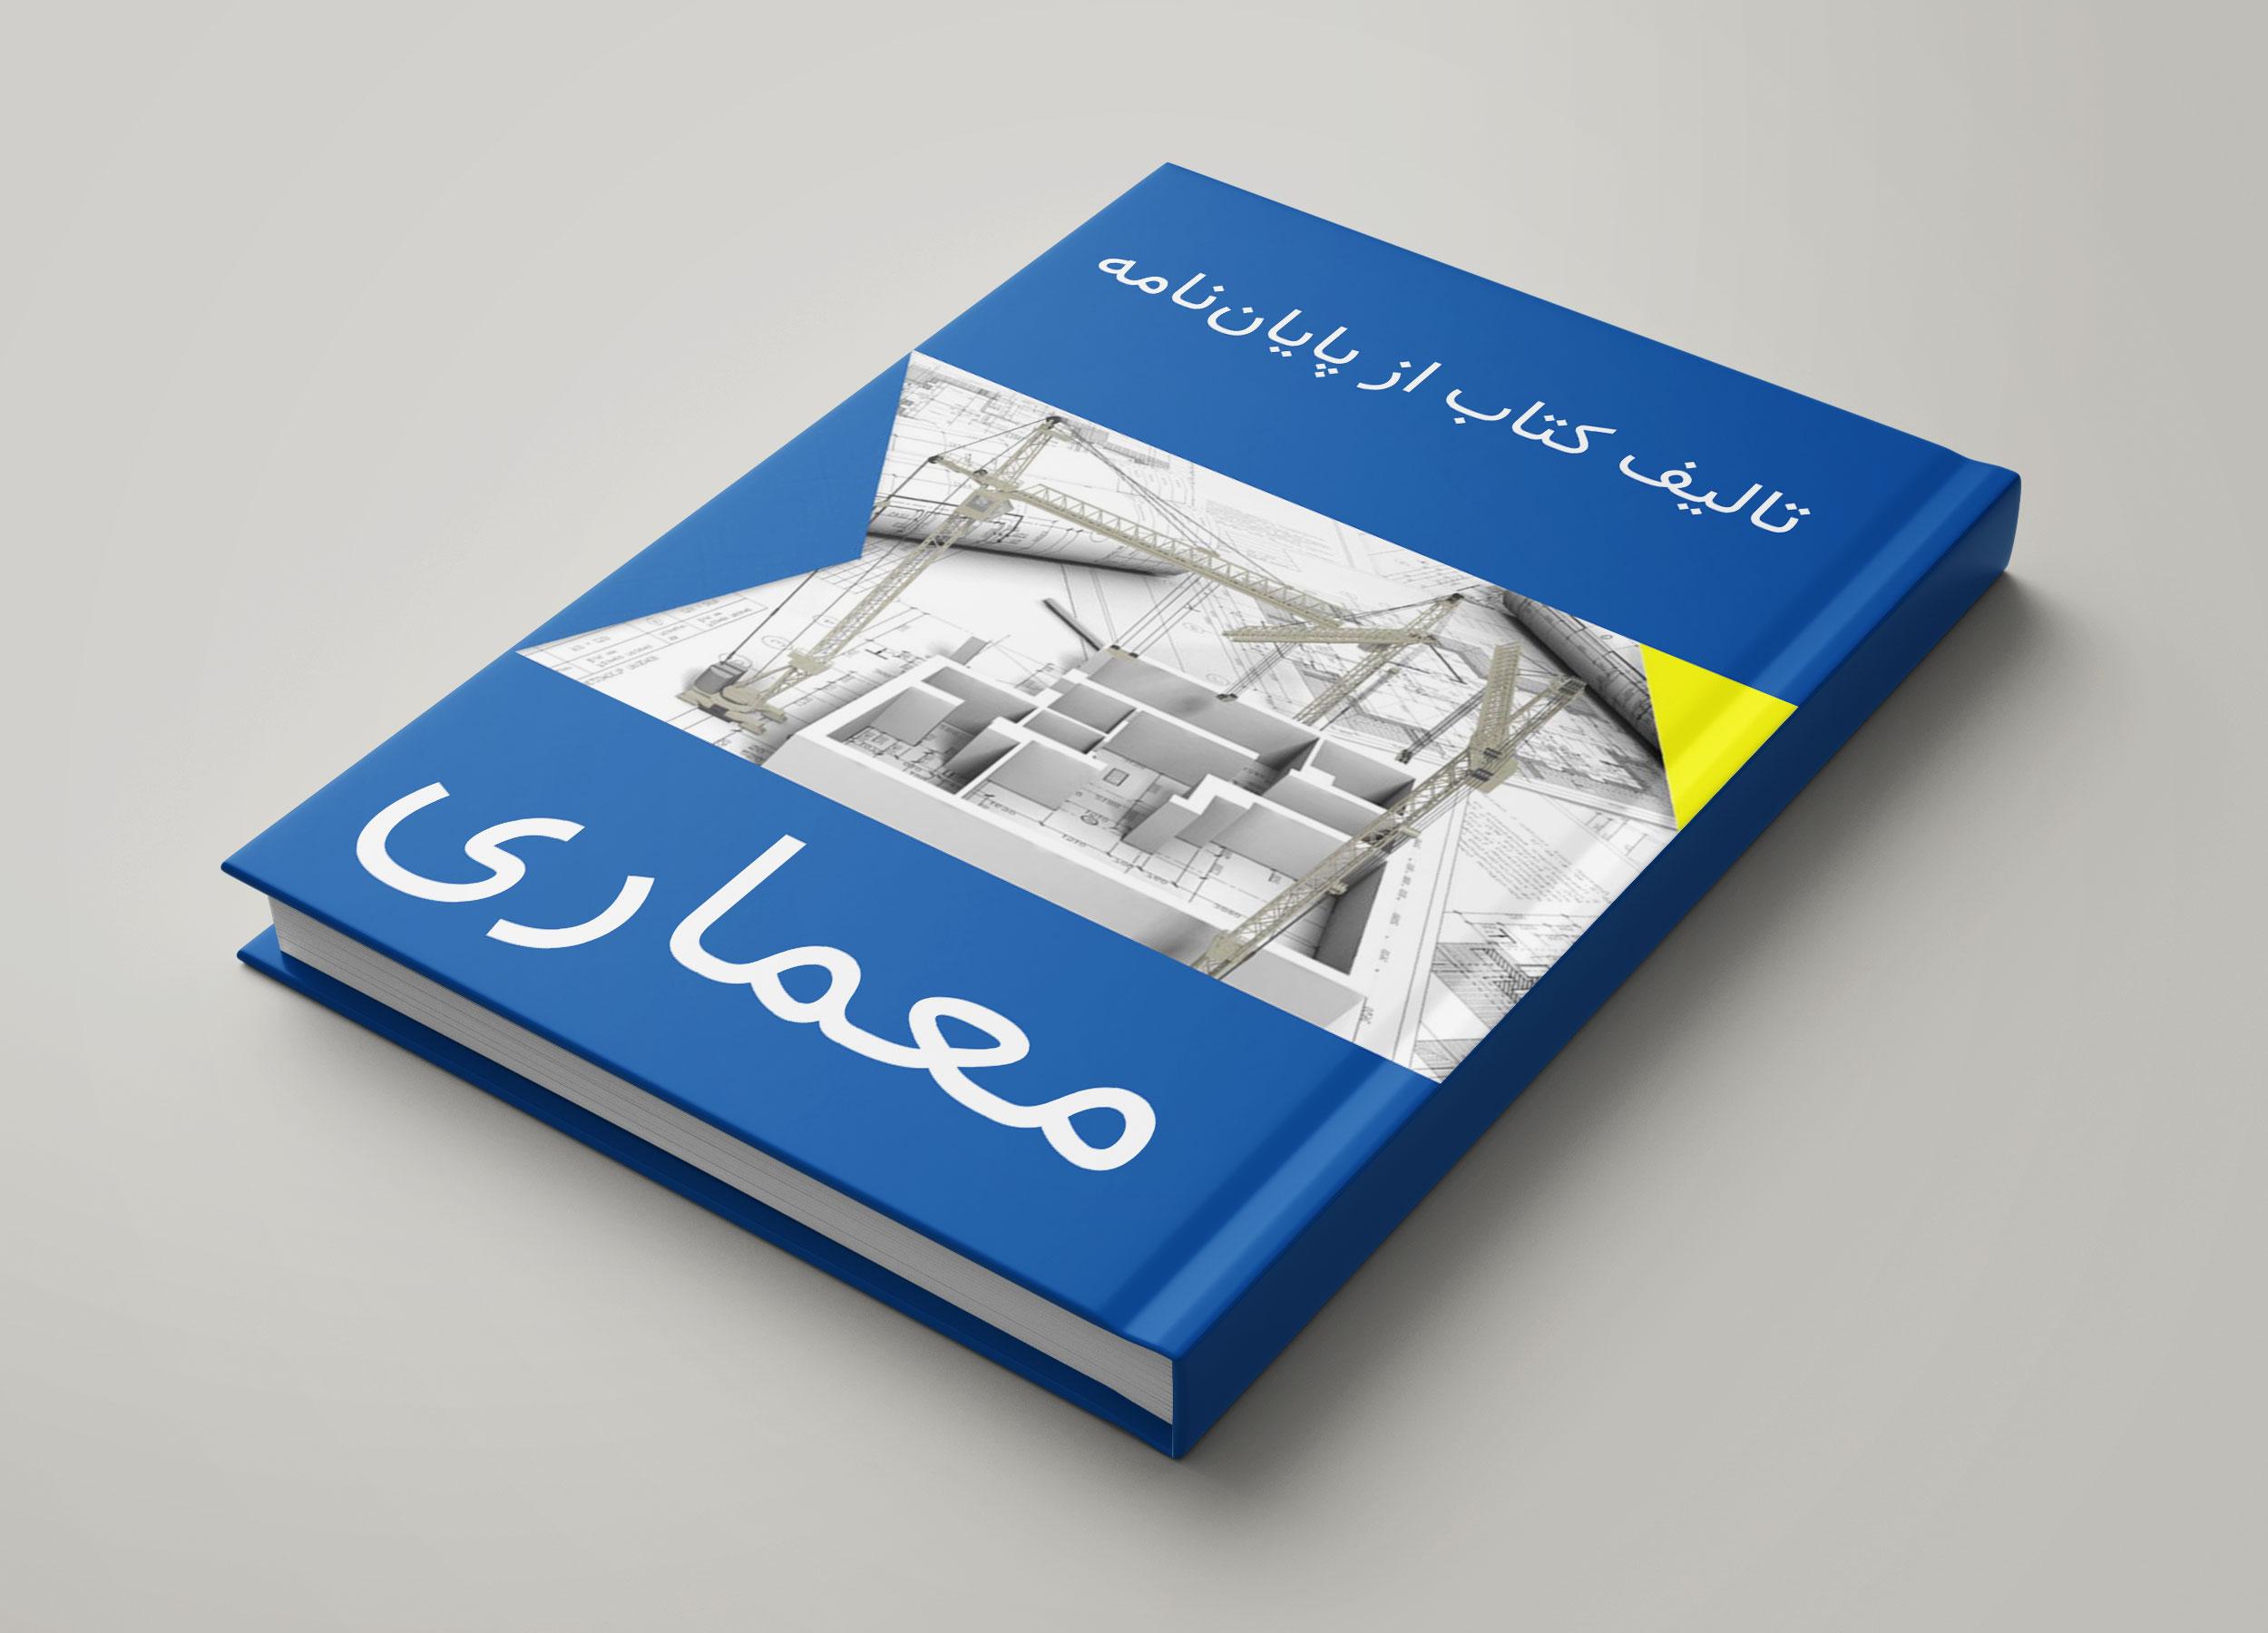 تبدیل پایان نامه معماری به کتاب